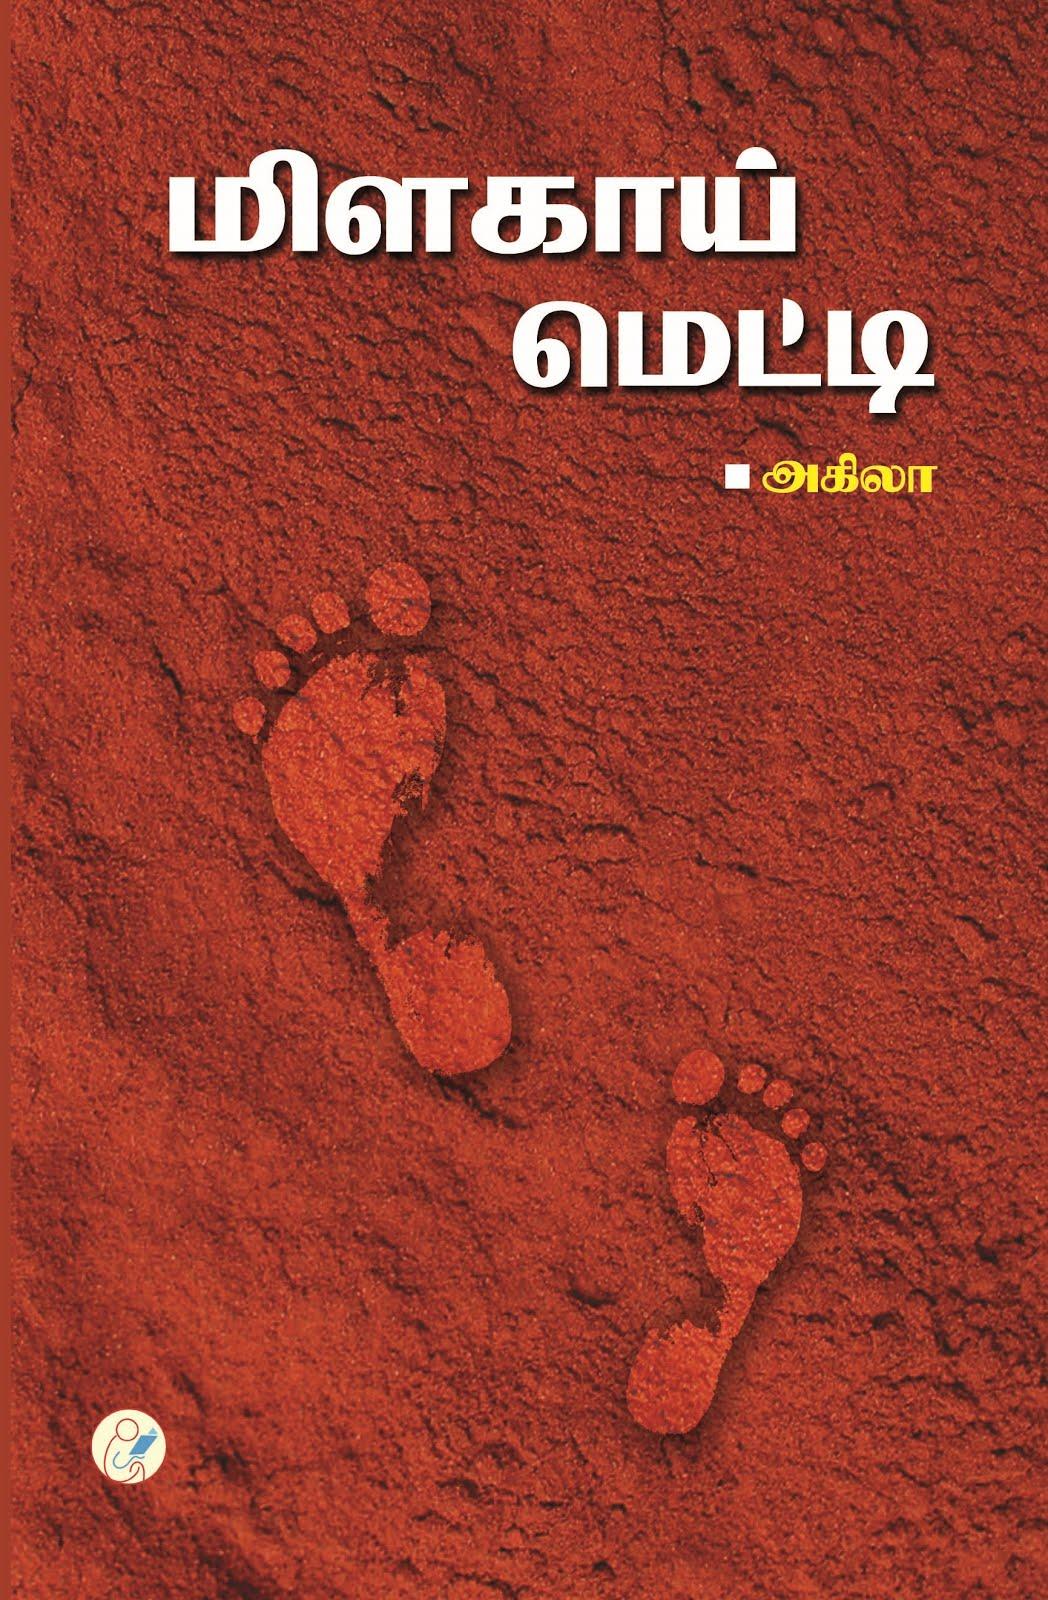 மிளகாய் மெட்டி - சிறுகதைகள் - அகிலா